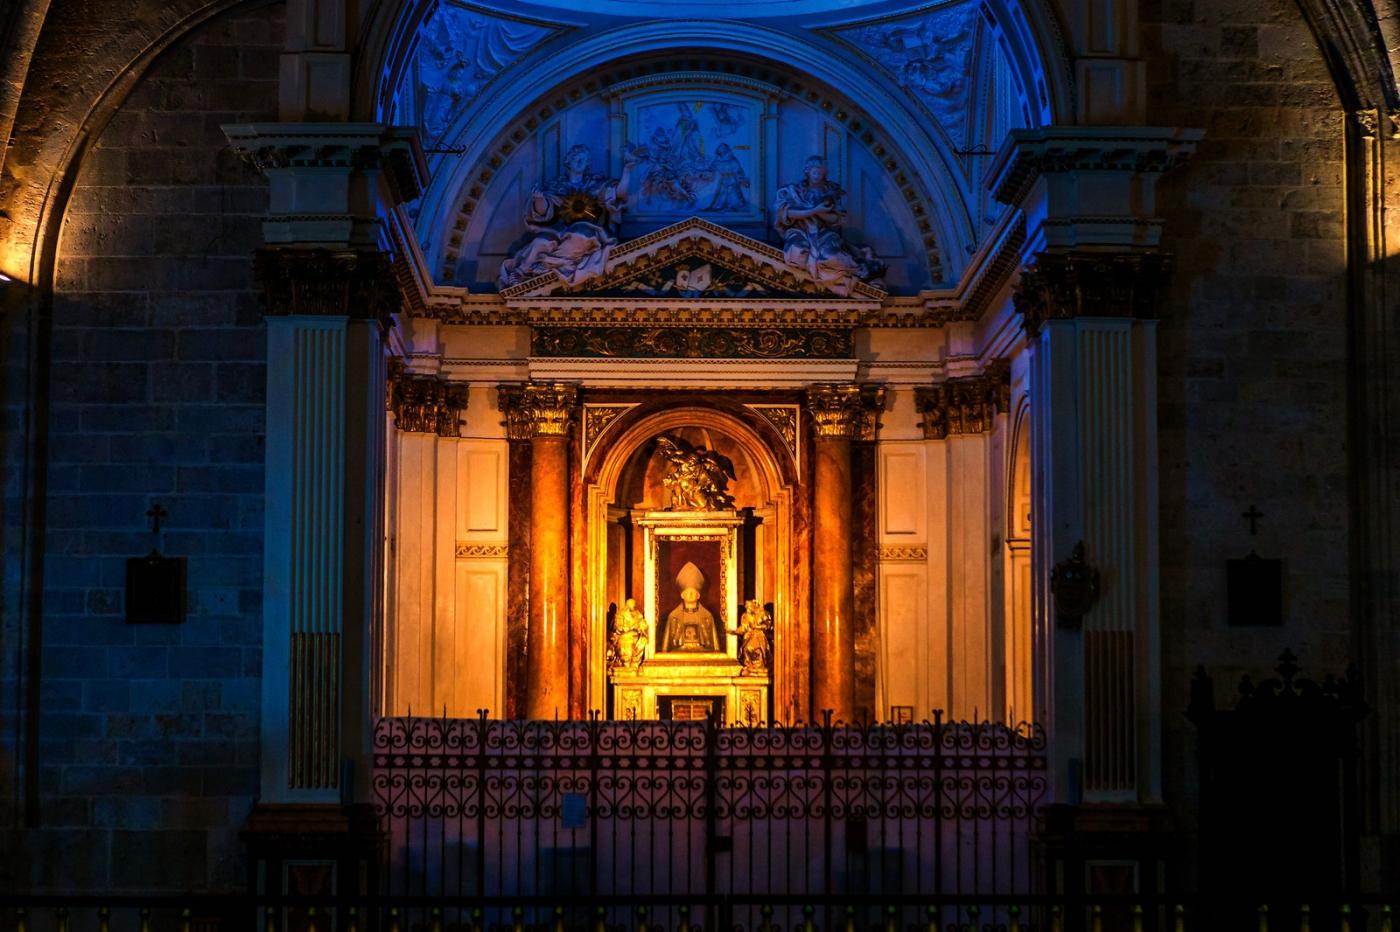 西班牙巴倫西亞主教堂,越看越喜歡_圖1-6